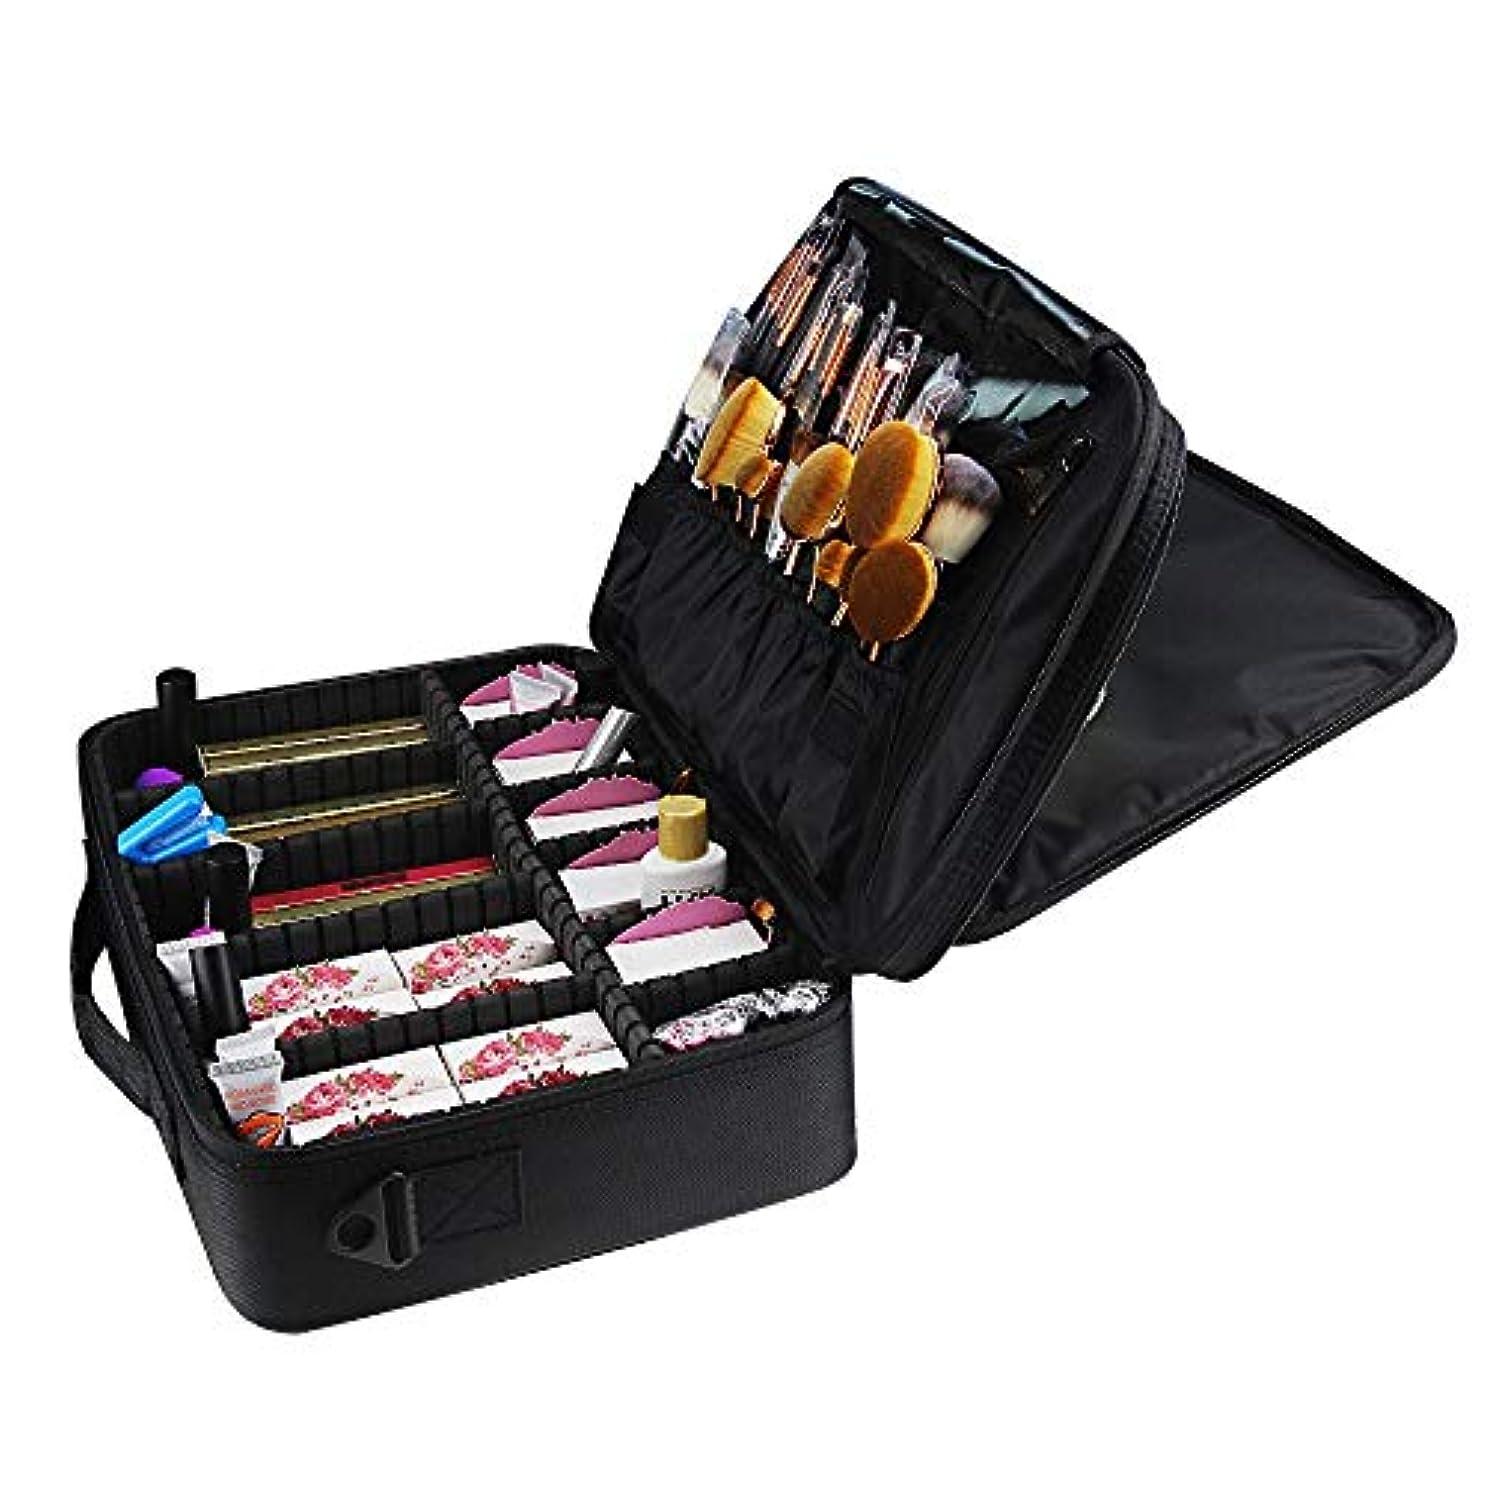 キャンディー社会キャッチ化粧オーガナイザーバッグ メイクアップトラベルバッグストレージバッグ防水ミニメイクアップケース旅行旅行のための 化粧品ケース (色 : ブラック)